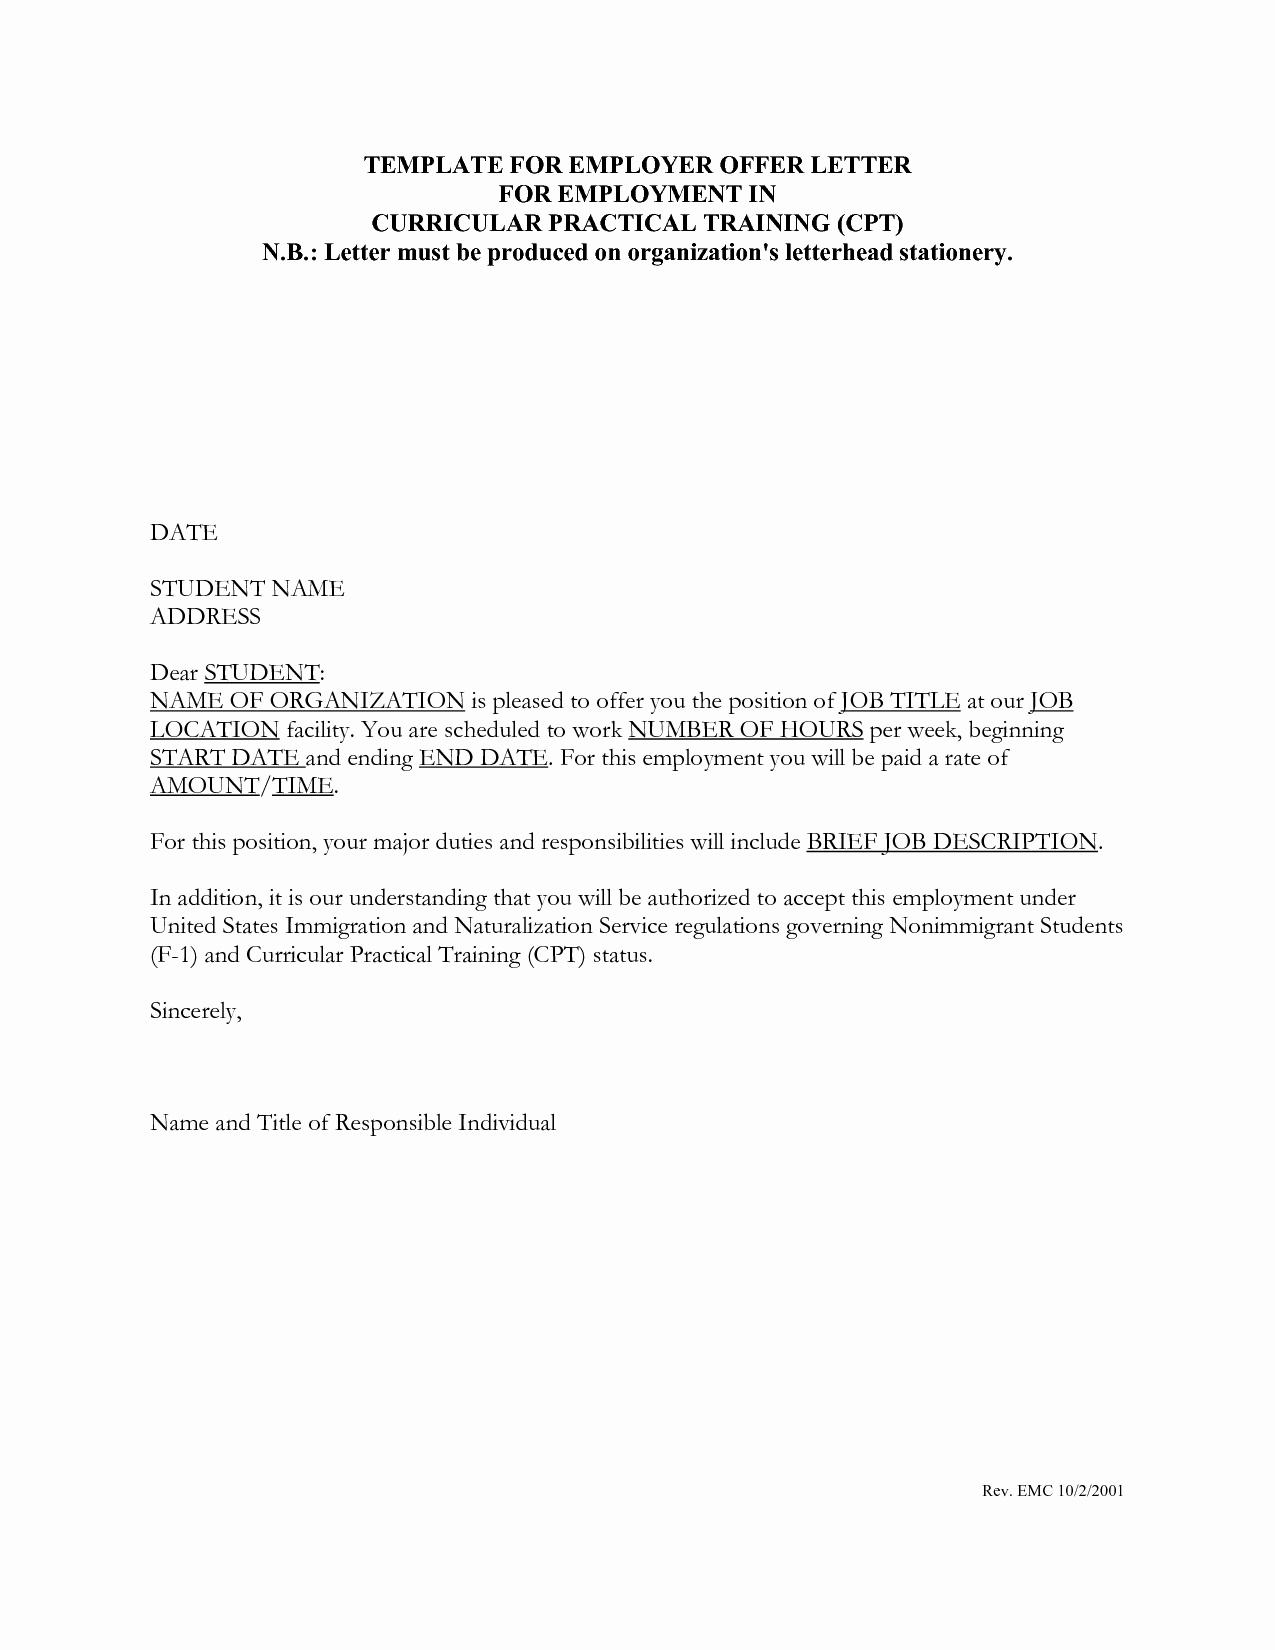 Job Offer Letter Example New Job Fer Letter Template